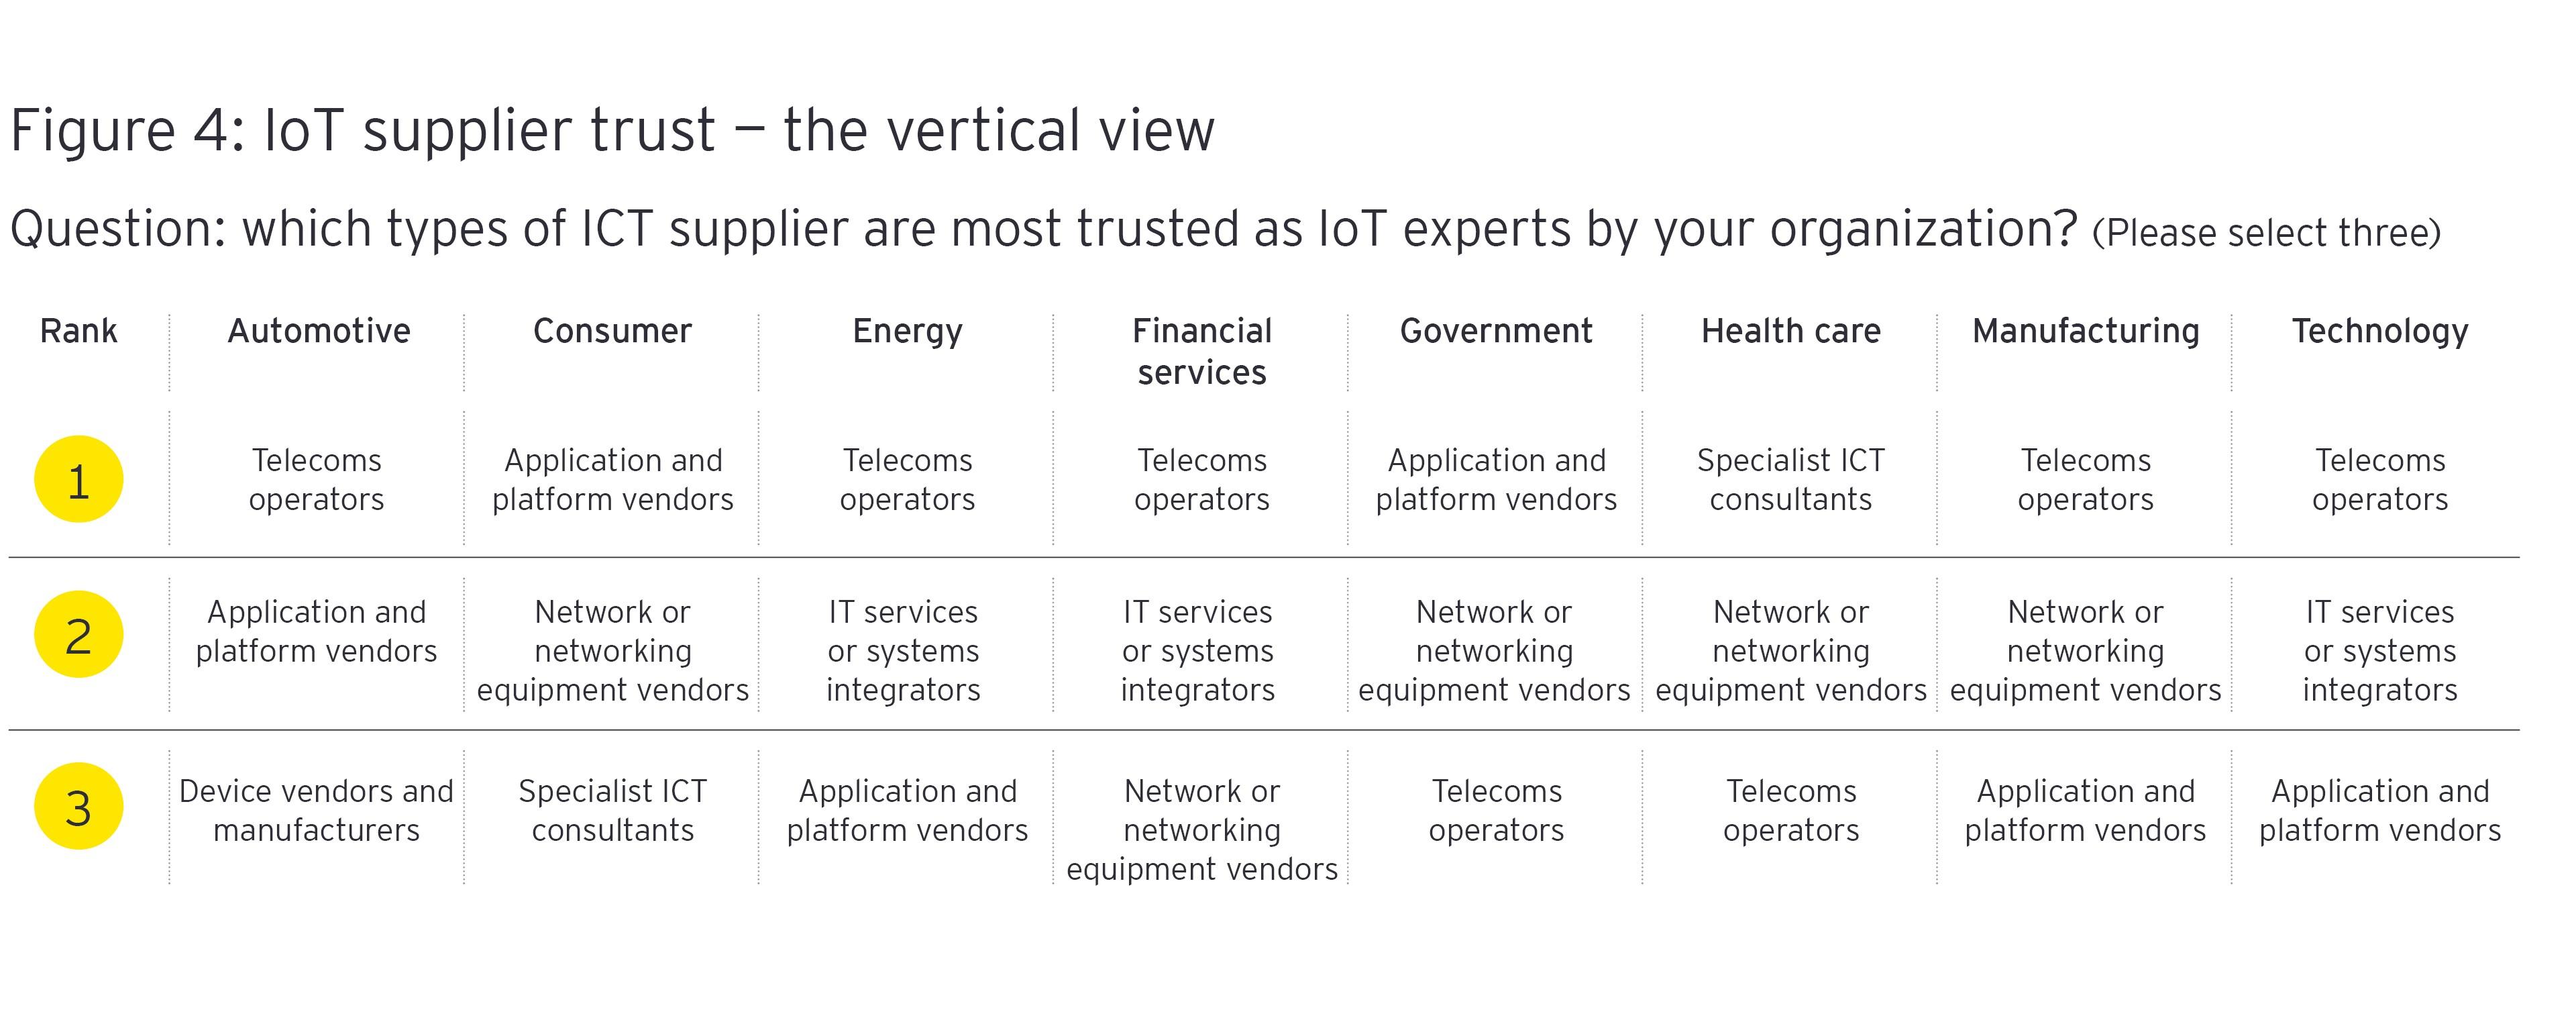 IoT-toimittajien luottamus - vertikaalinen näkymä